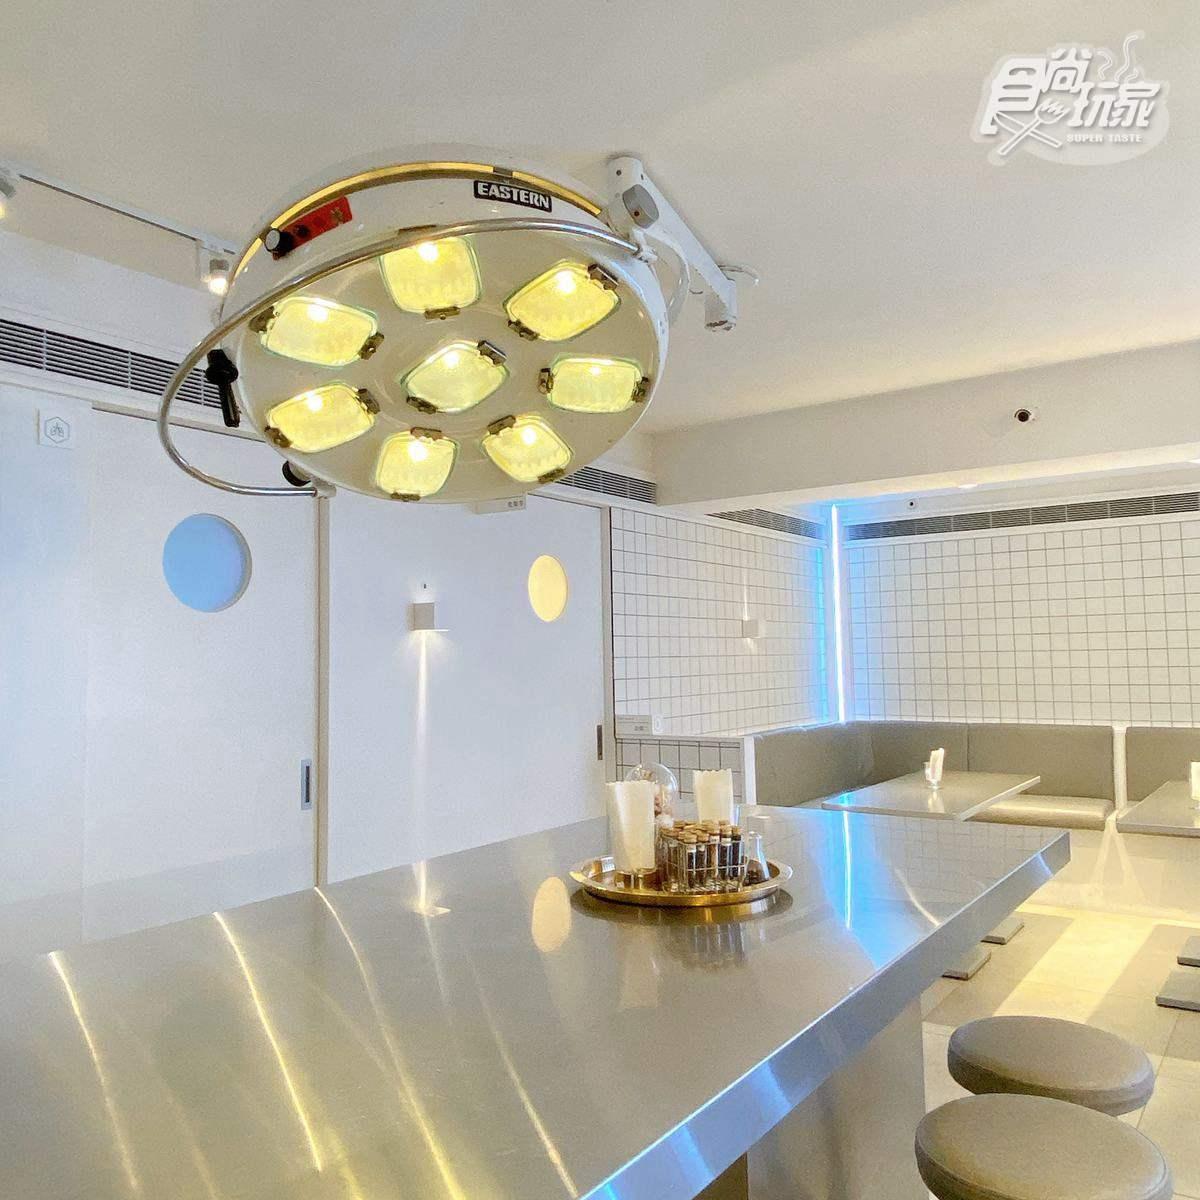 到「診所」吃飯!櫃台變掛號台、手術燈搬上餐桌,必點炸物拼盤、玫瑰奶茶